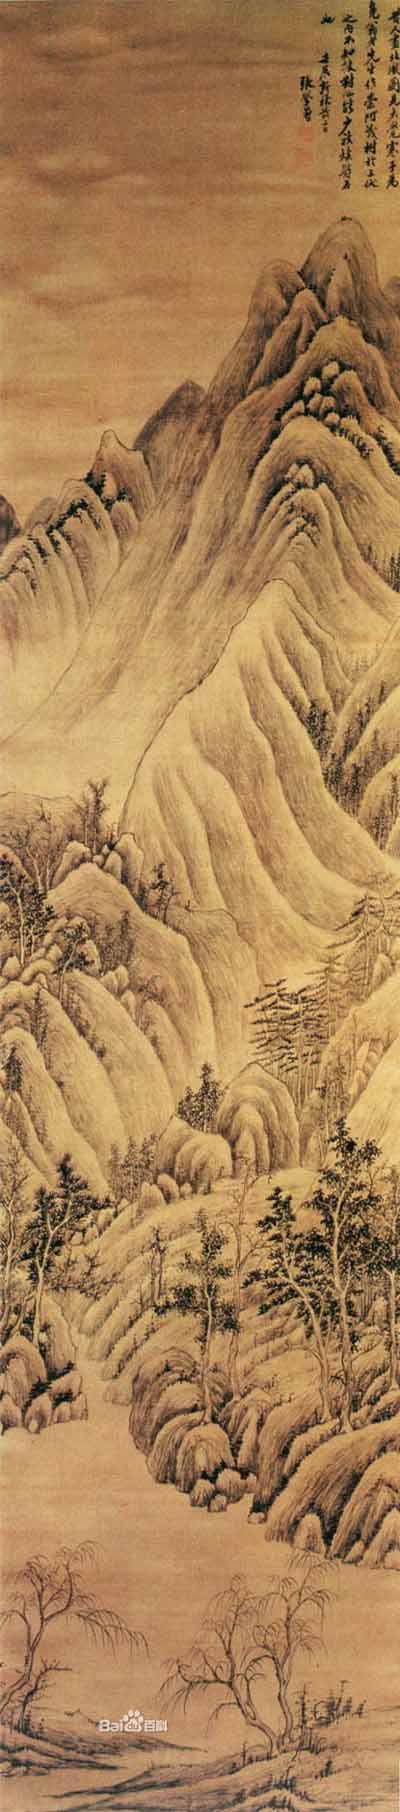 《崇阿茂树图》北京故宫博物院藏